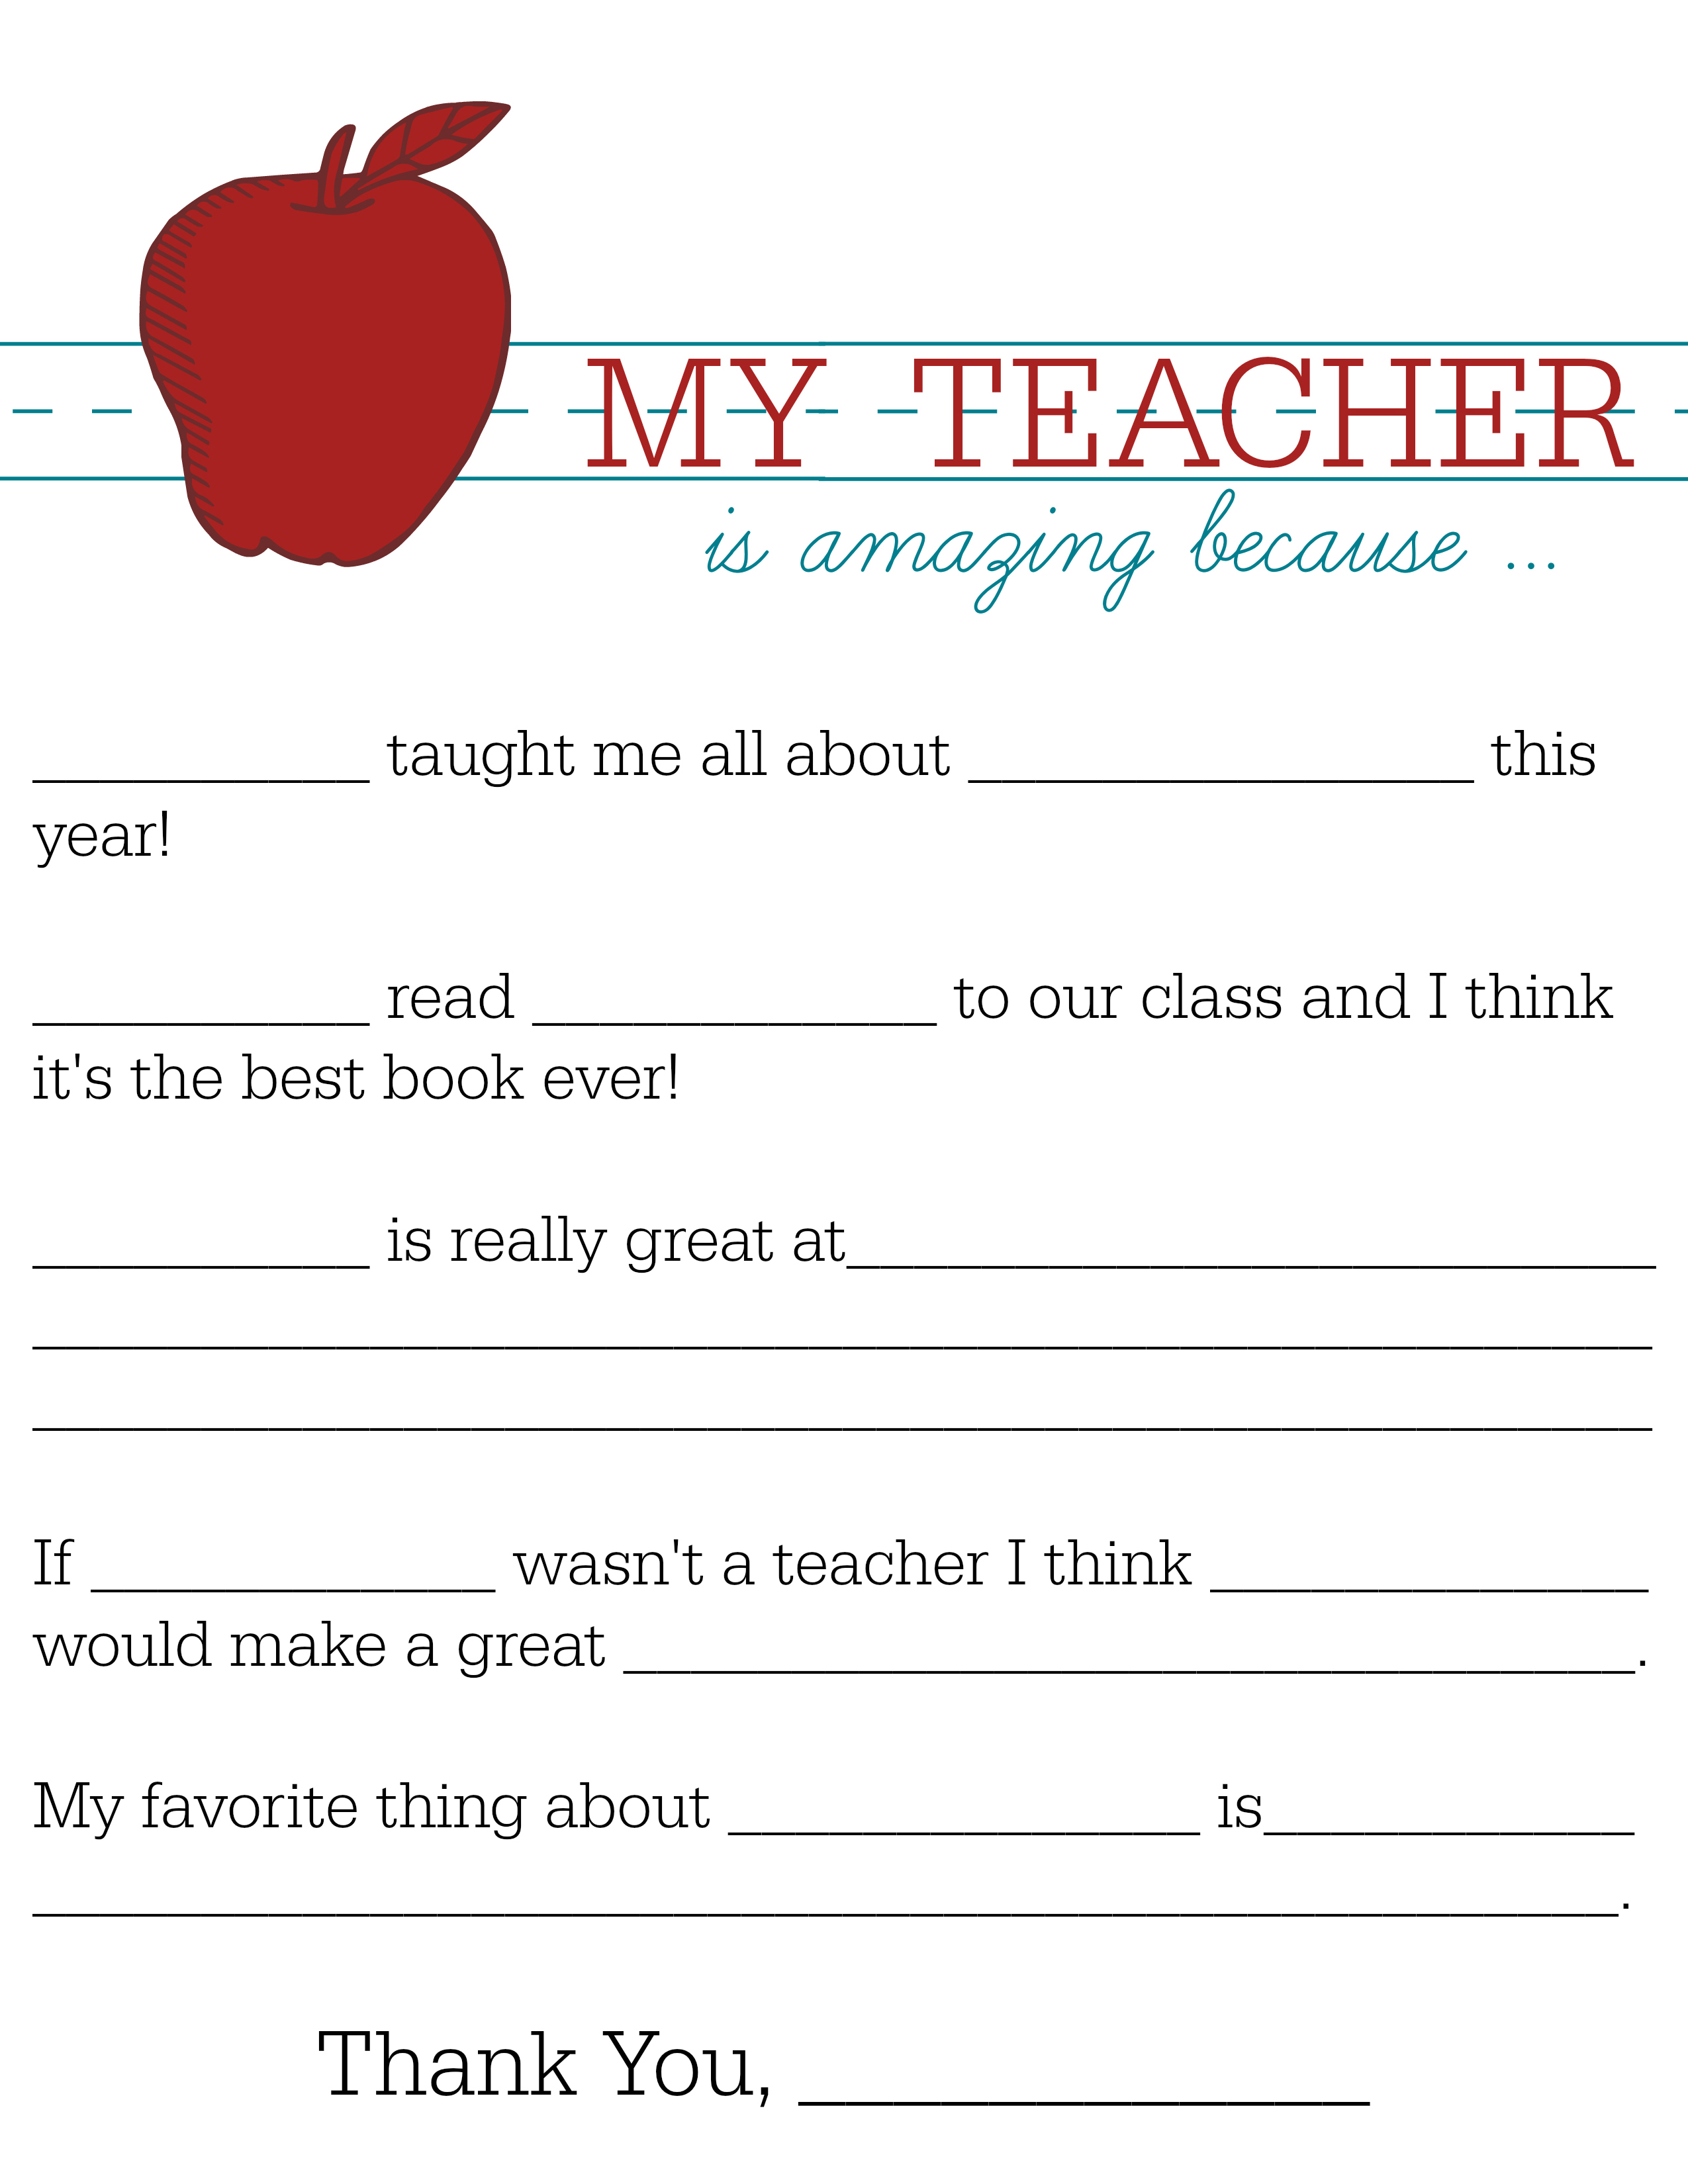 Write my admission essay best teacher